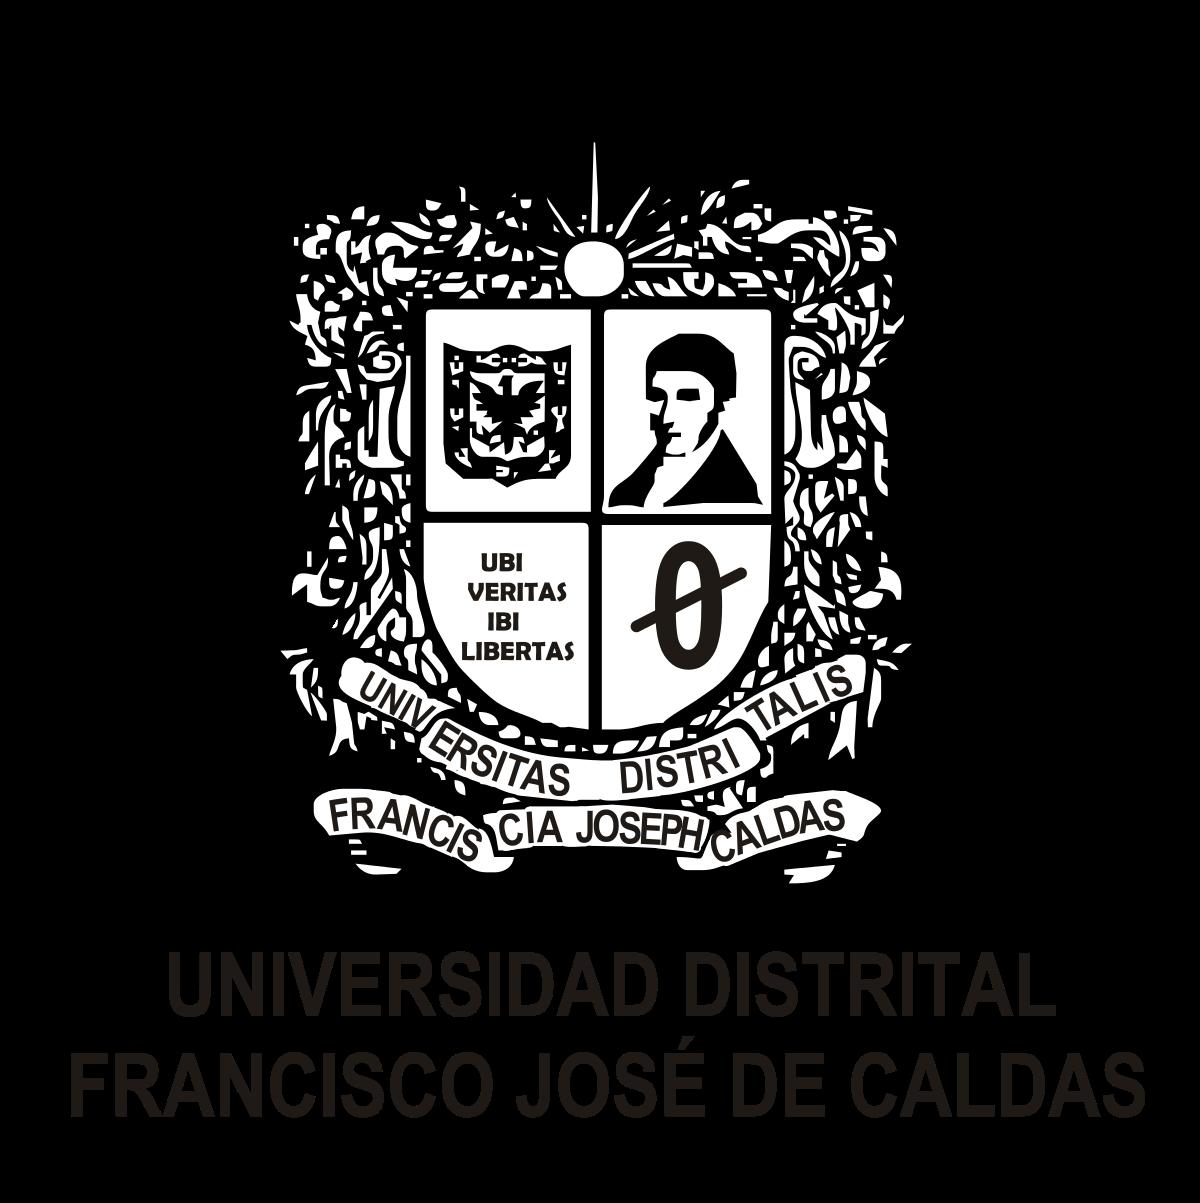 UNIVERSIDAD DISTRITAL FRANCISCO JOSÉ DE CALDAS (Colombia)